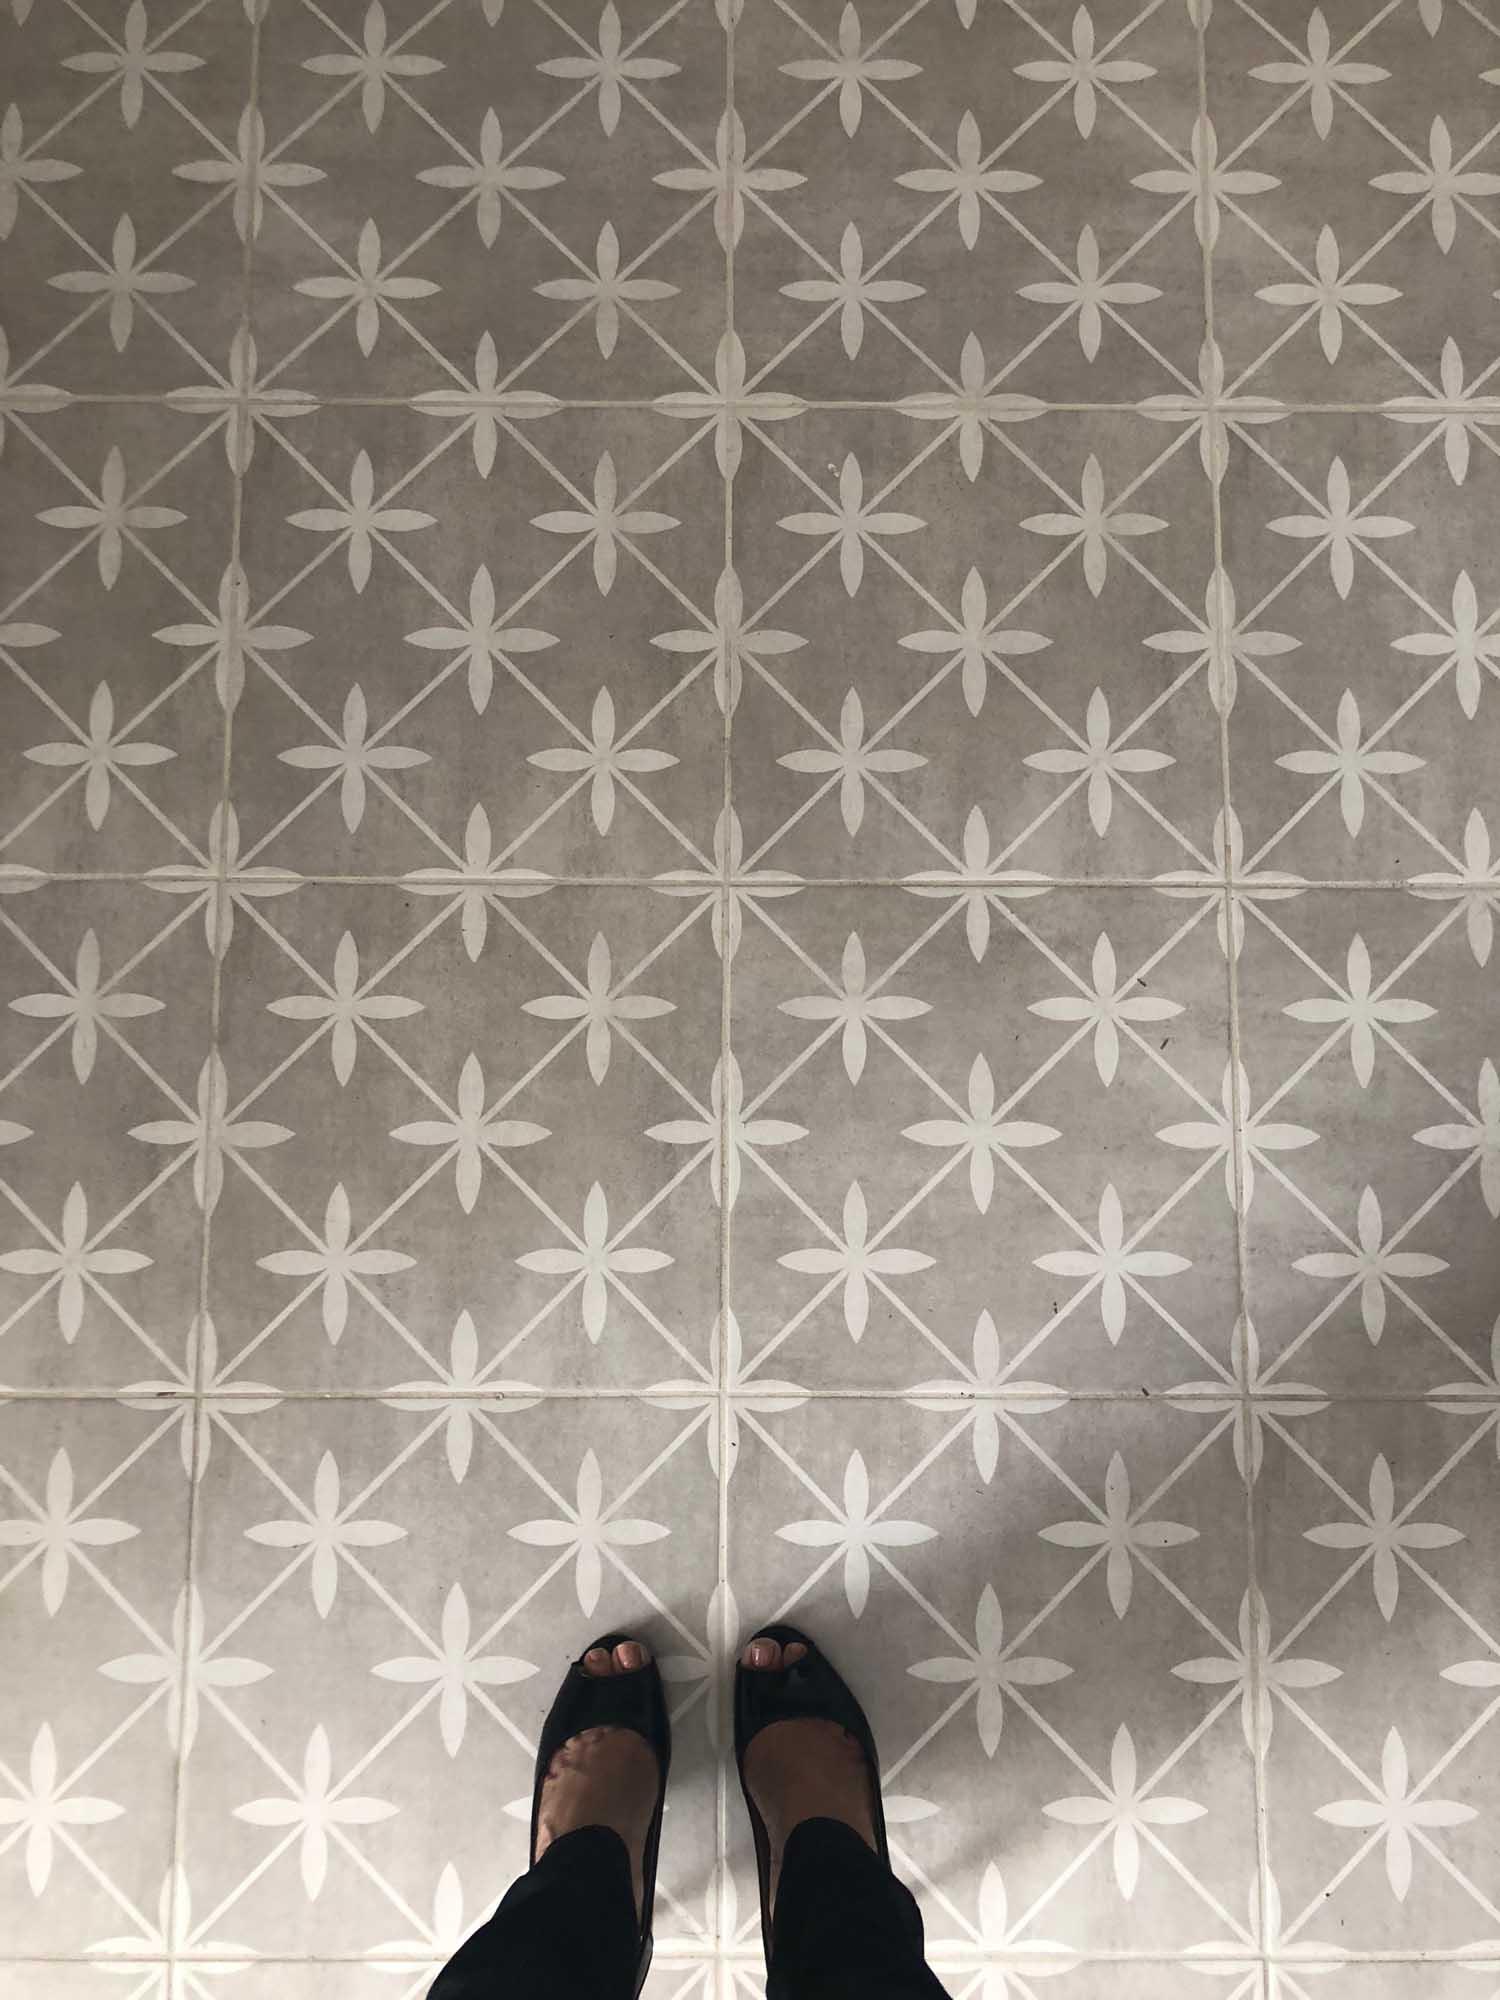 Vintage decorative tile